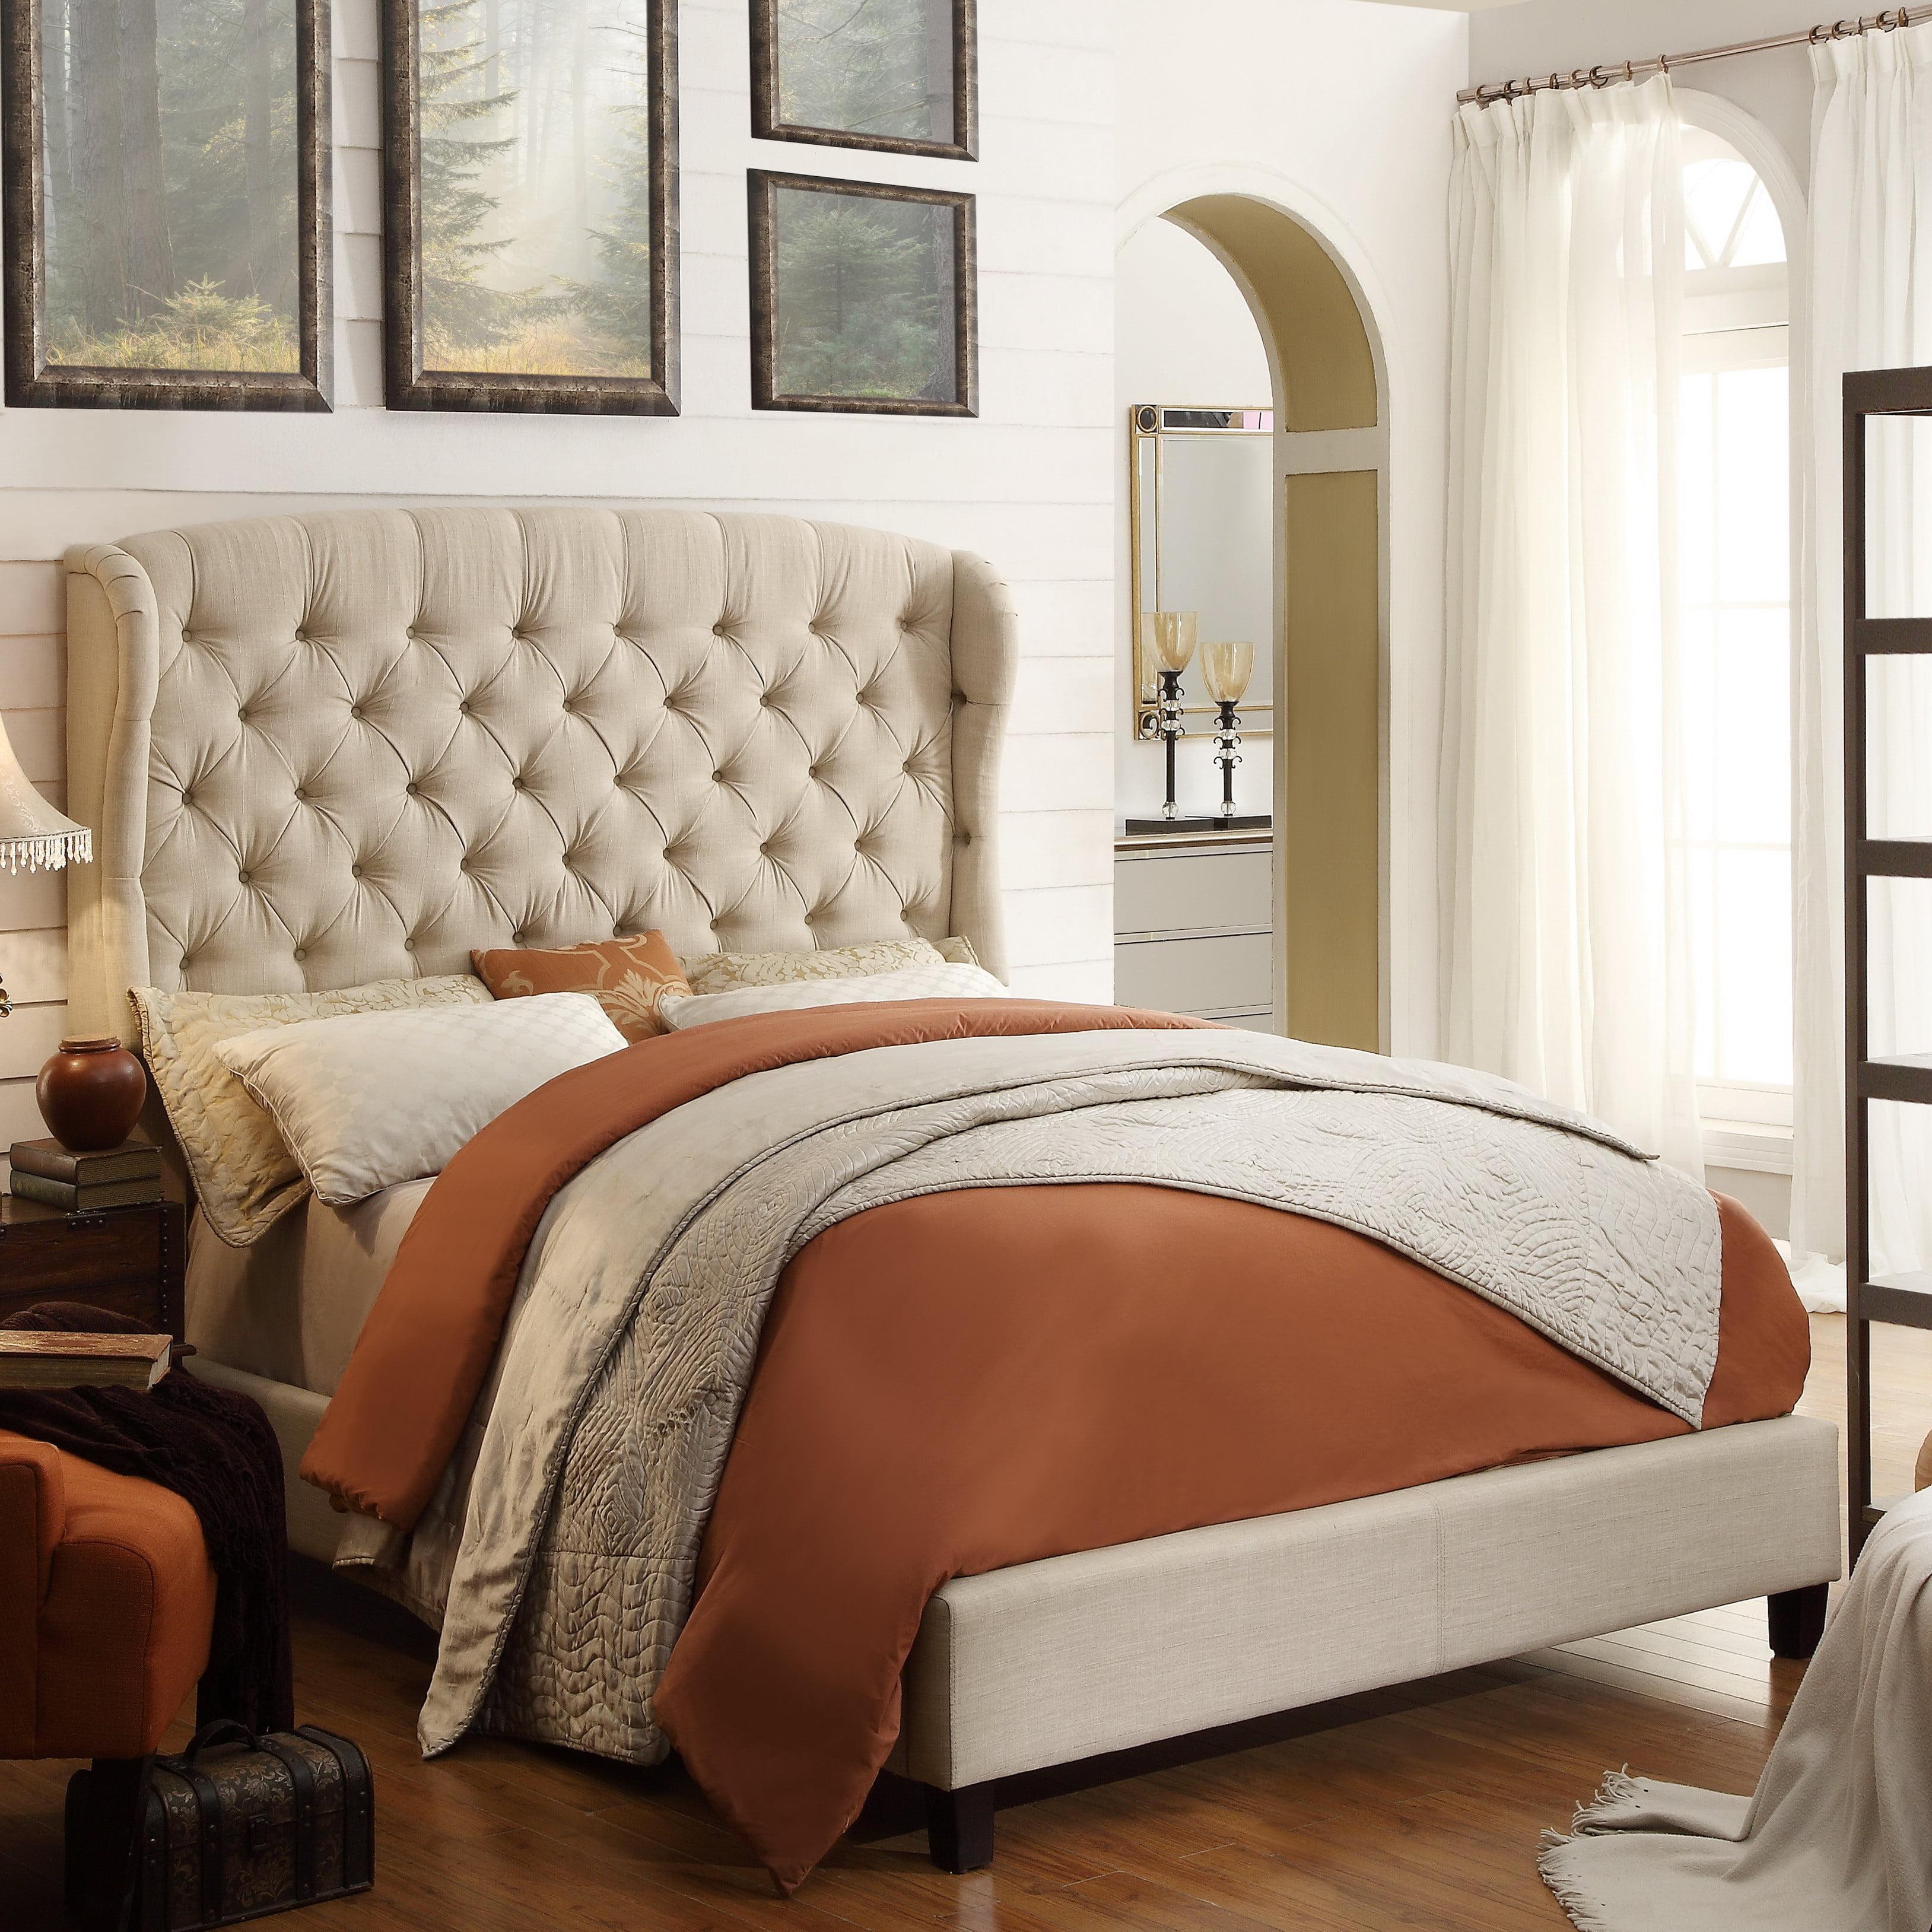 Alton Furniture Cicilia King Upholstered Platform Bed, Beige by Fully Wind Co, Ltd.